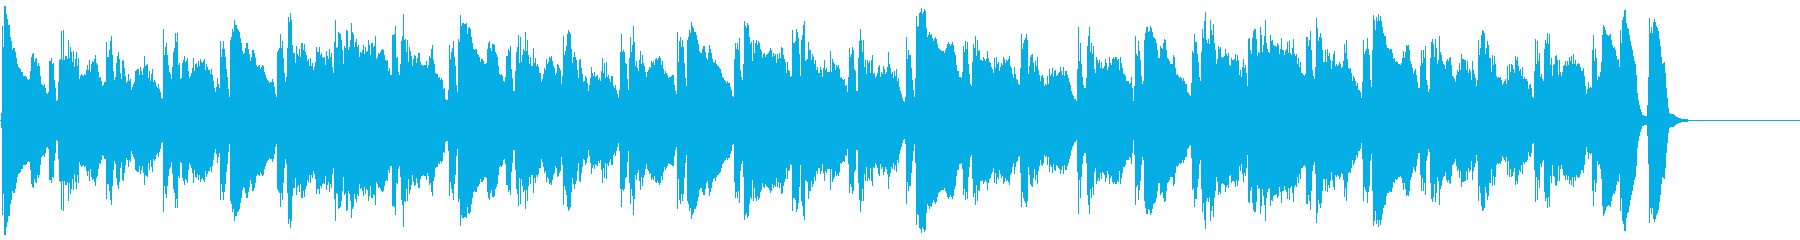 動画広告 30秒 フルートB 日常の再生済みの波形